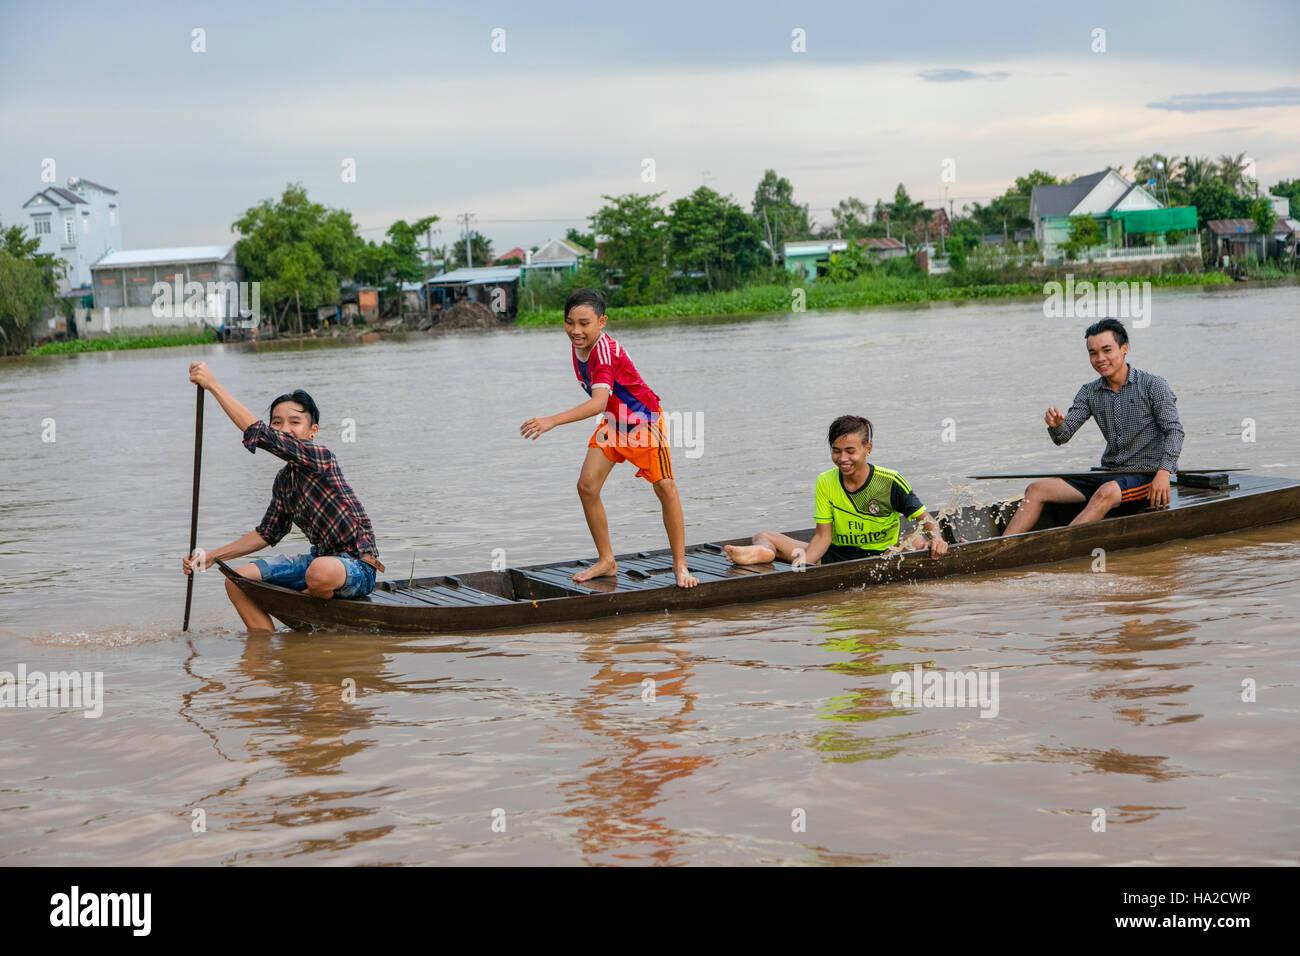 Chlidren in Canoe, Mekong River, Vietnam, Asia - Stock Image